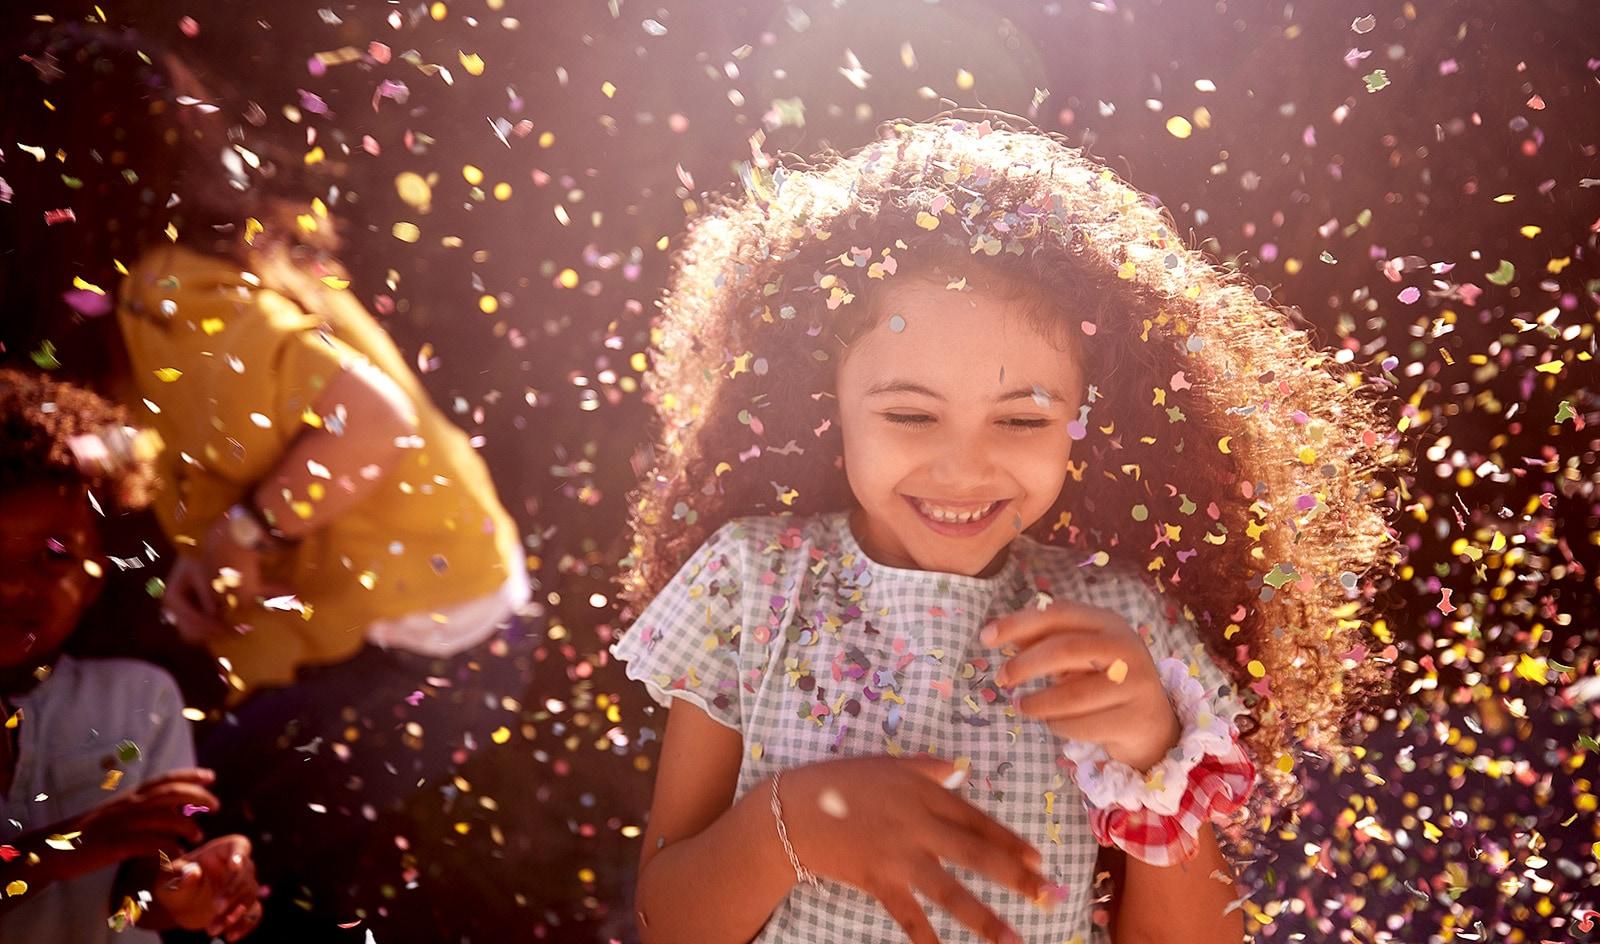 На этой карточке описано качество звука; показано изображение улыбающейся девочки на празднике.